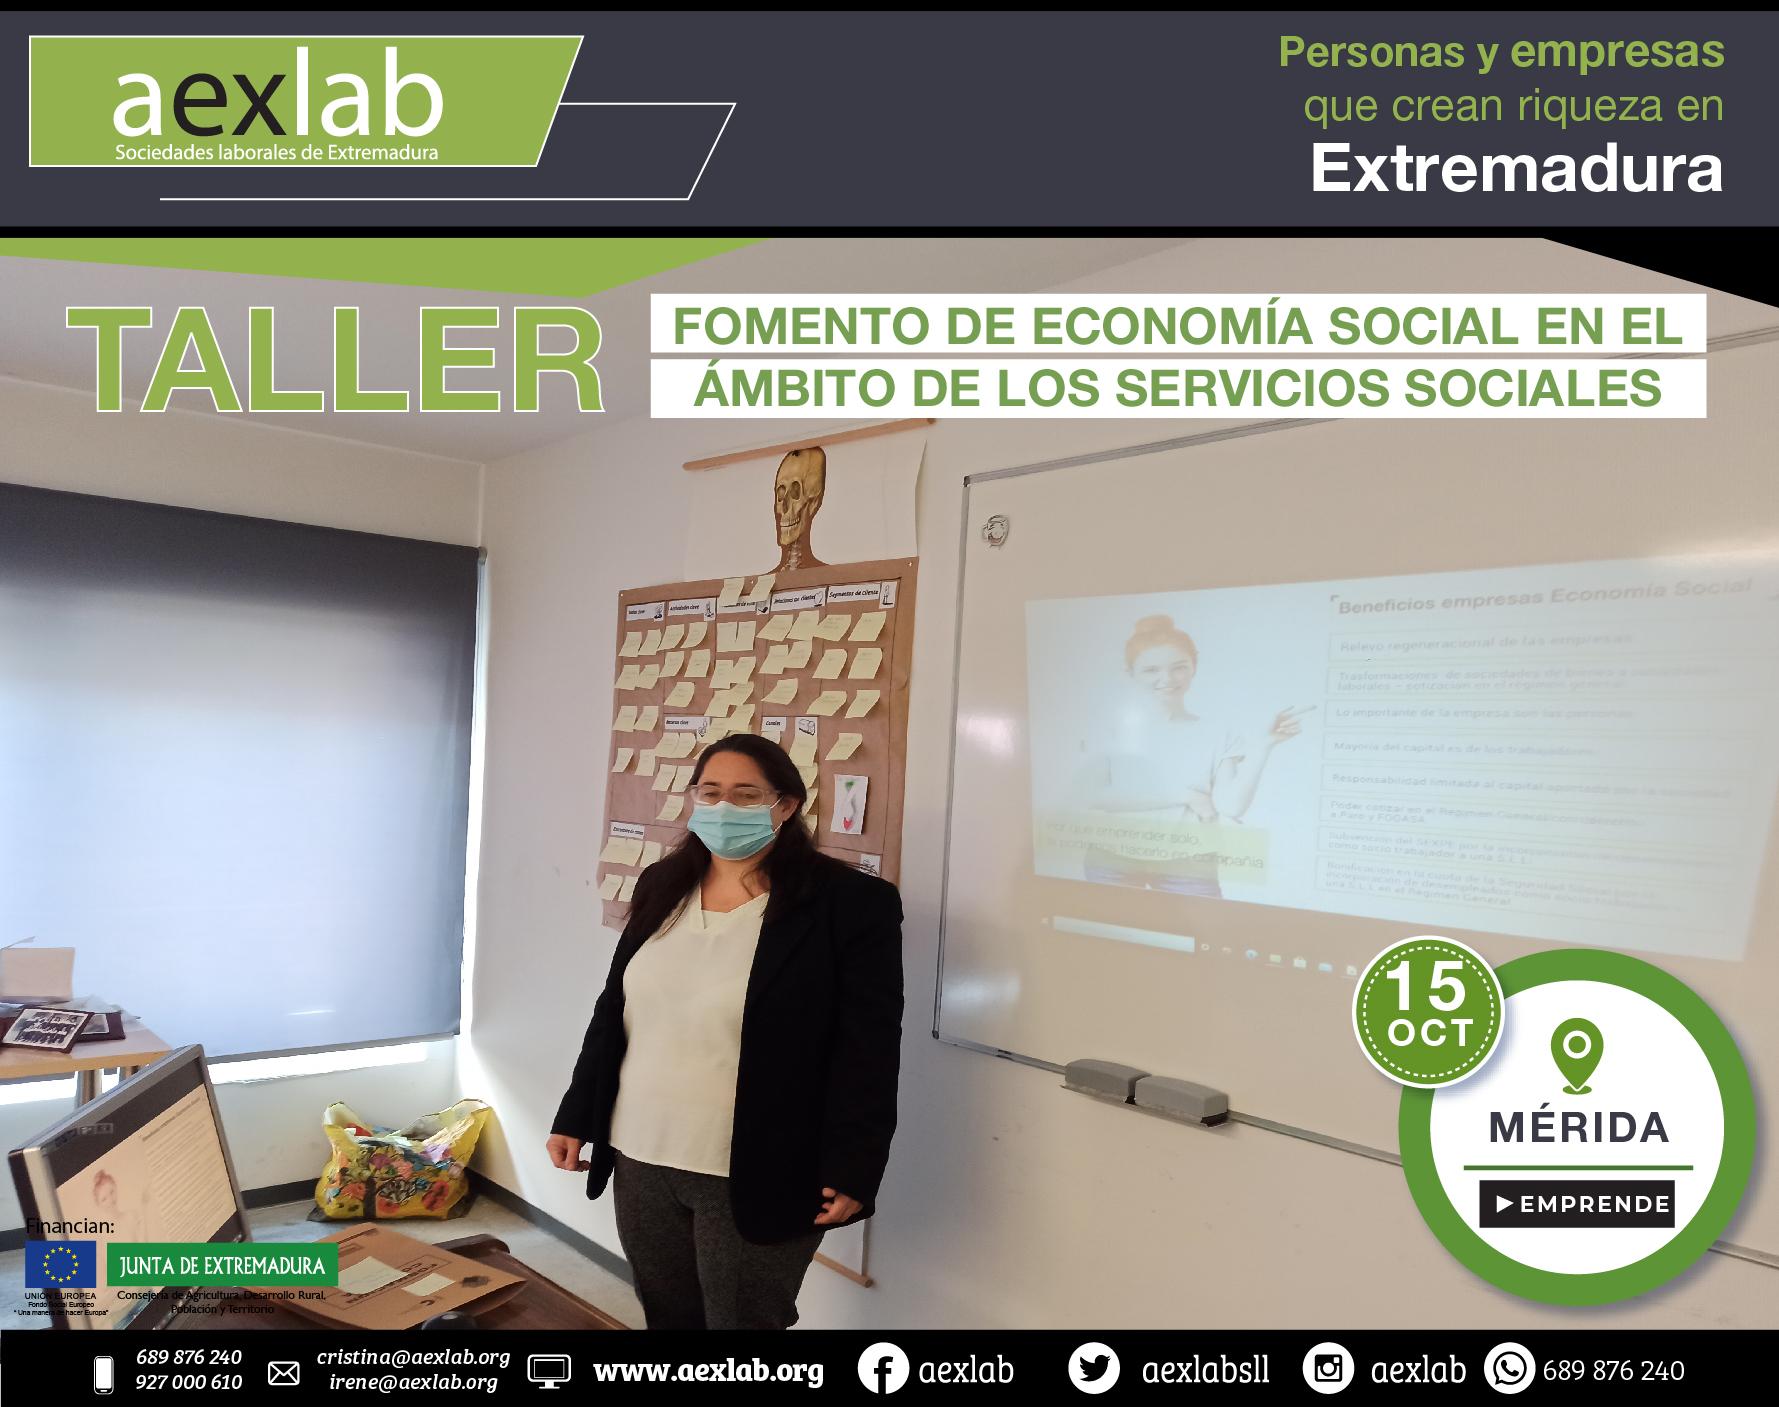 Fotos grupo taller fomento de la economia social ambito social merida aexlab-03